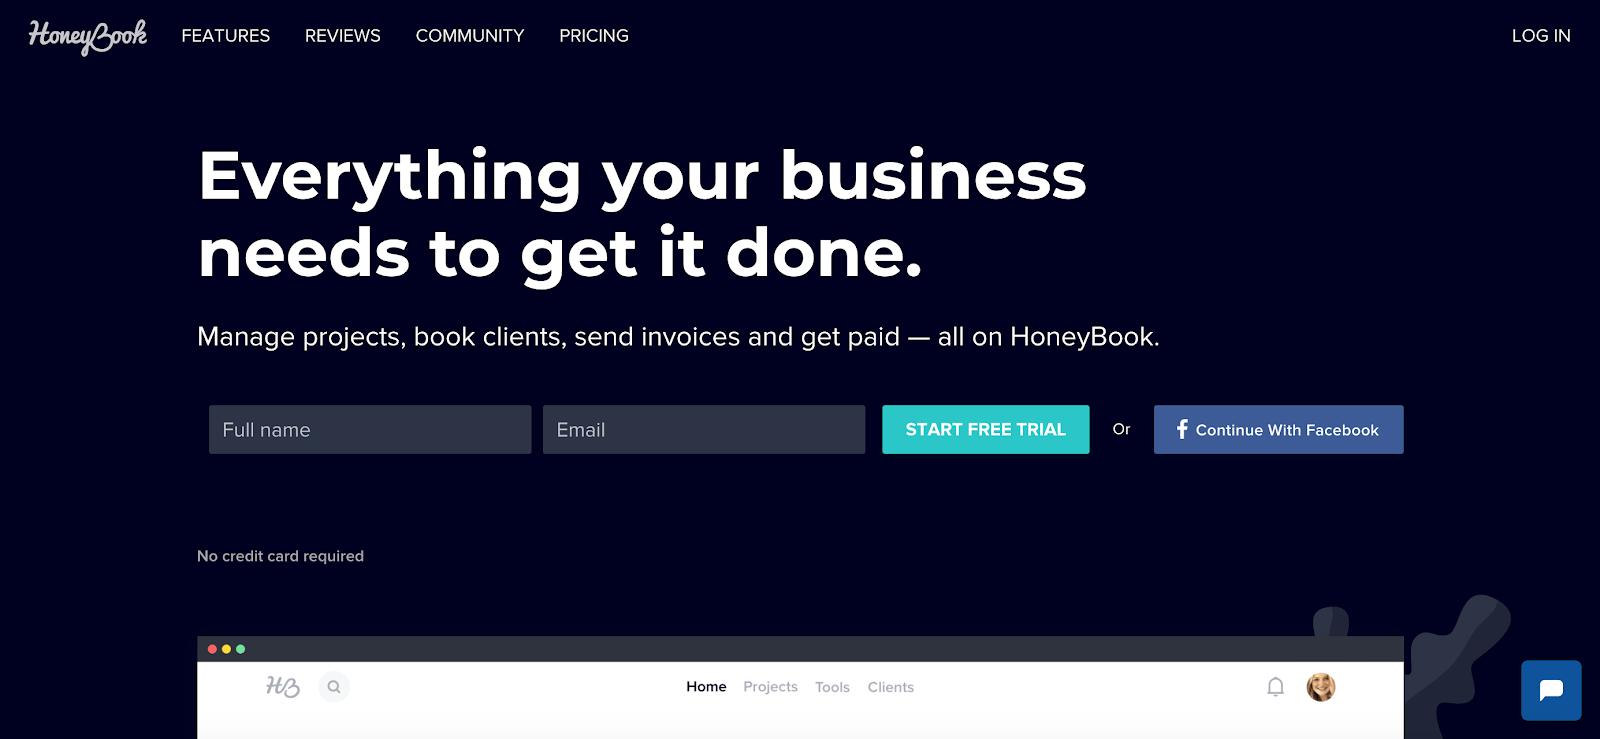 Honeybook homepage